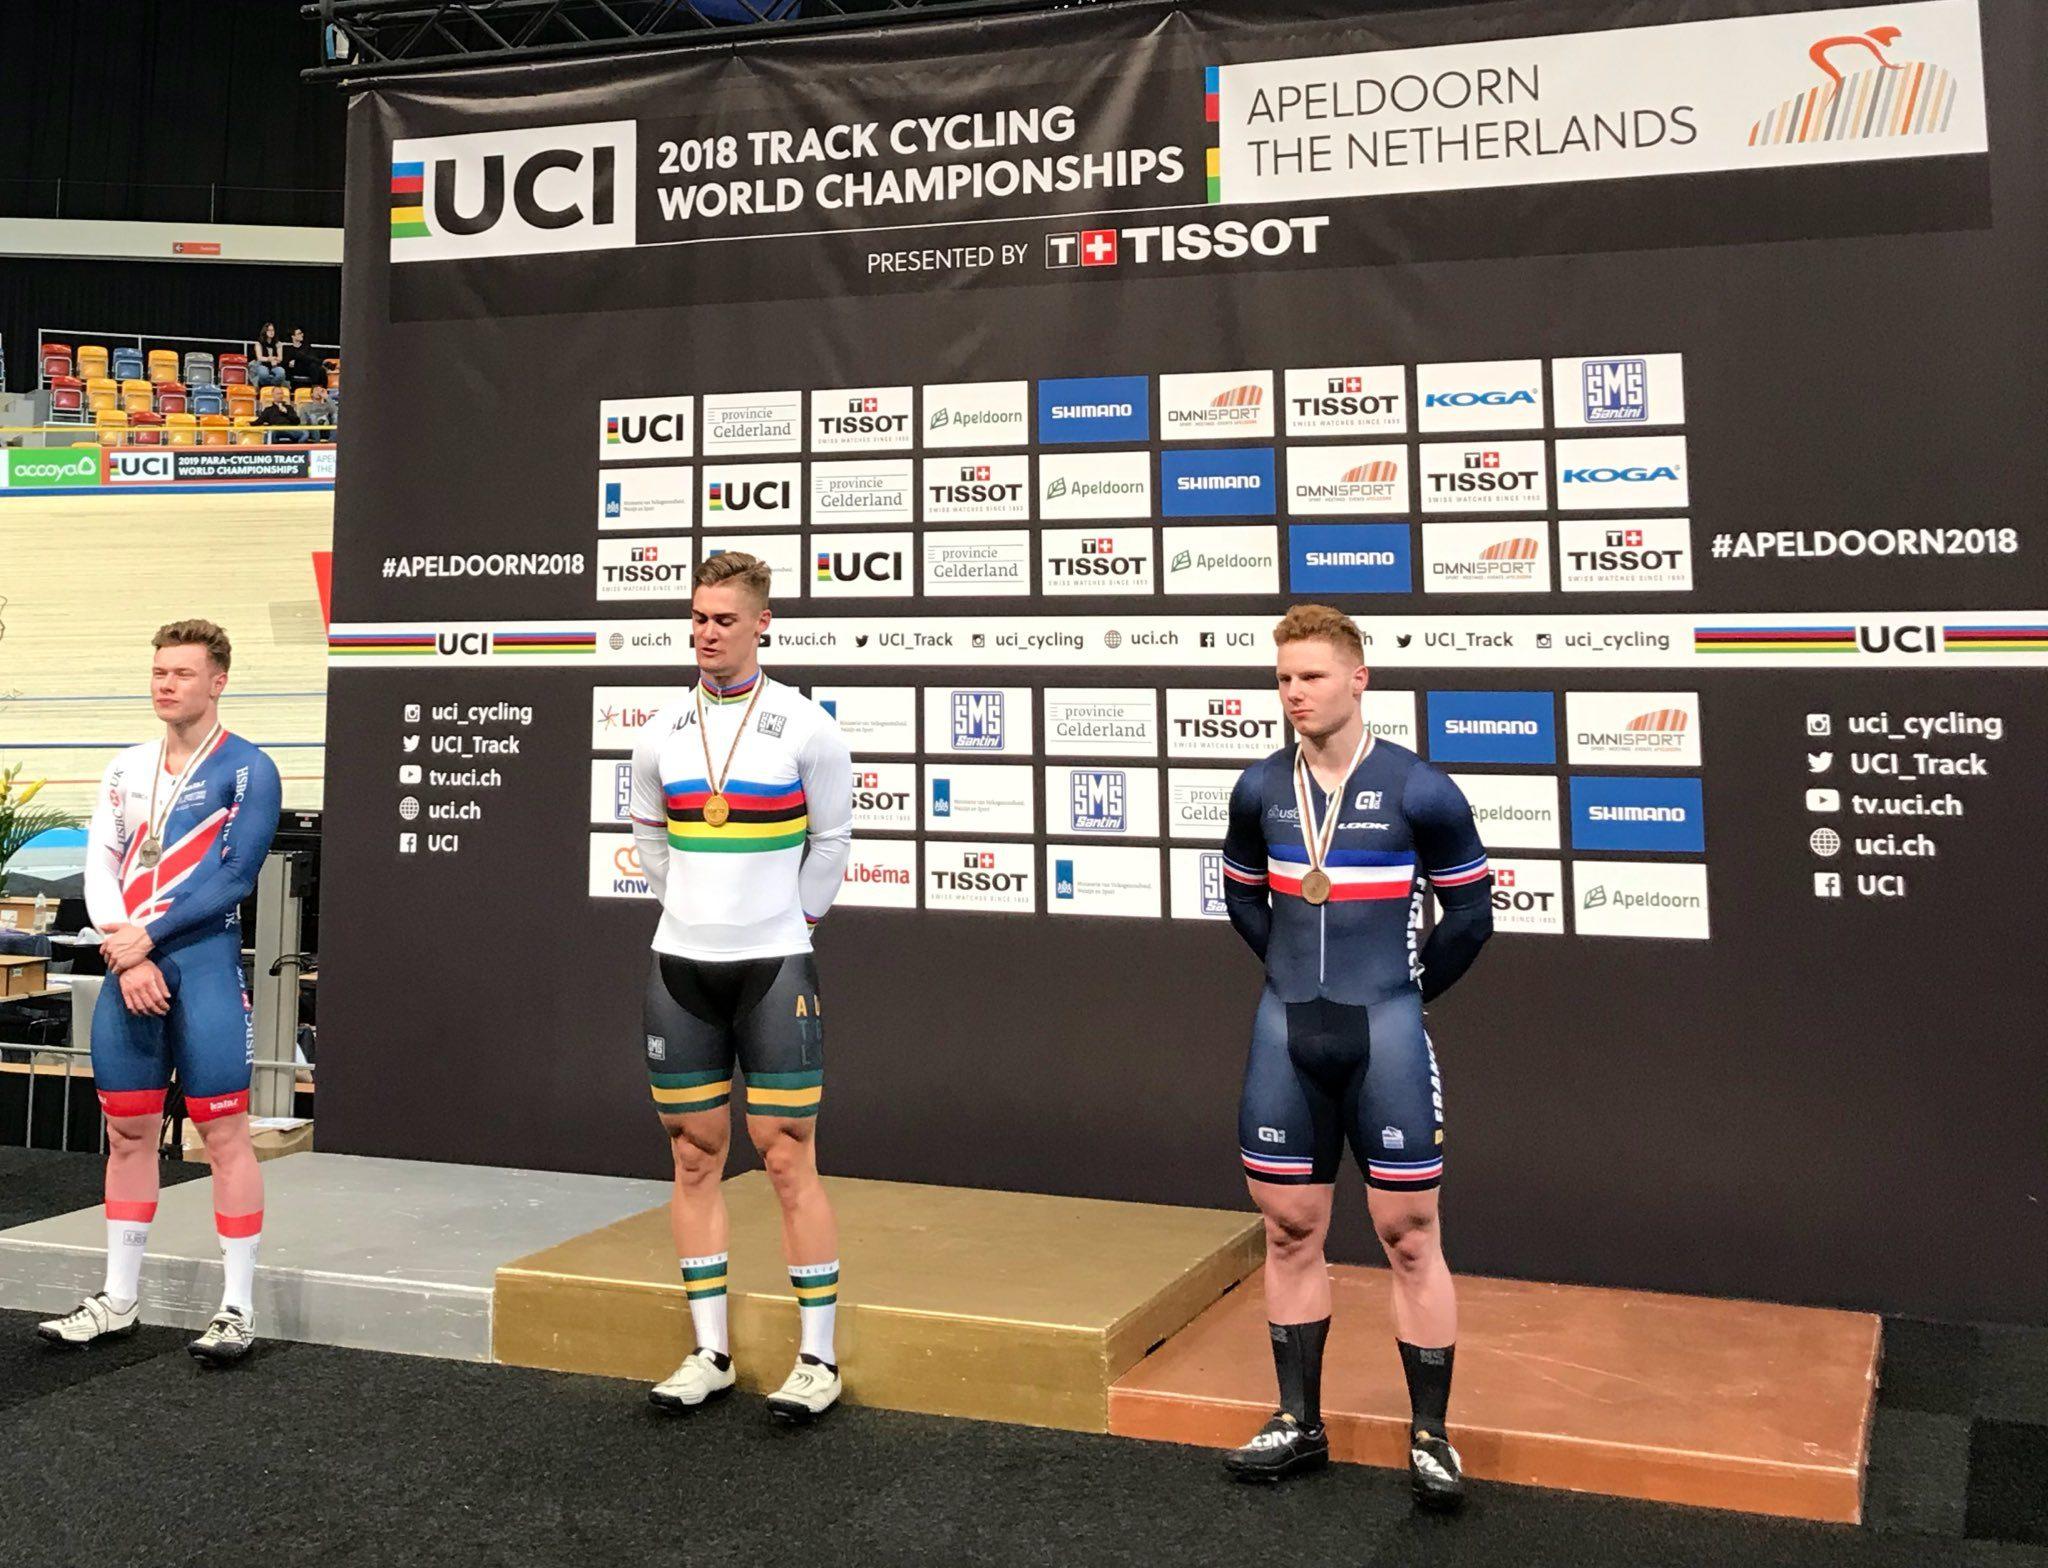 Мэттью Глетцер стал чемпионом мира в спринте на ЧМ в Апелдорне